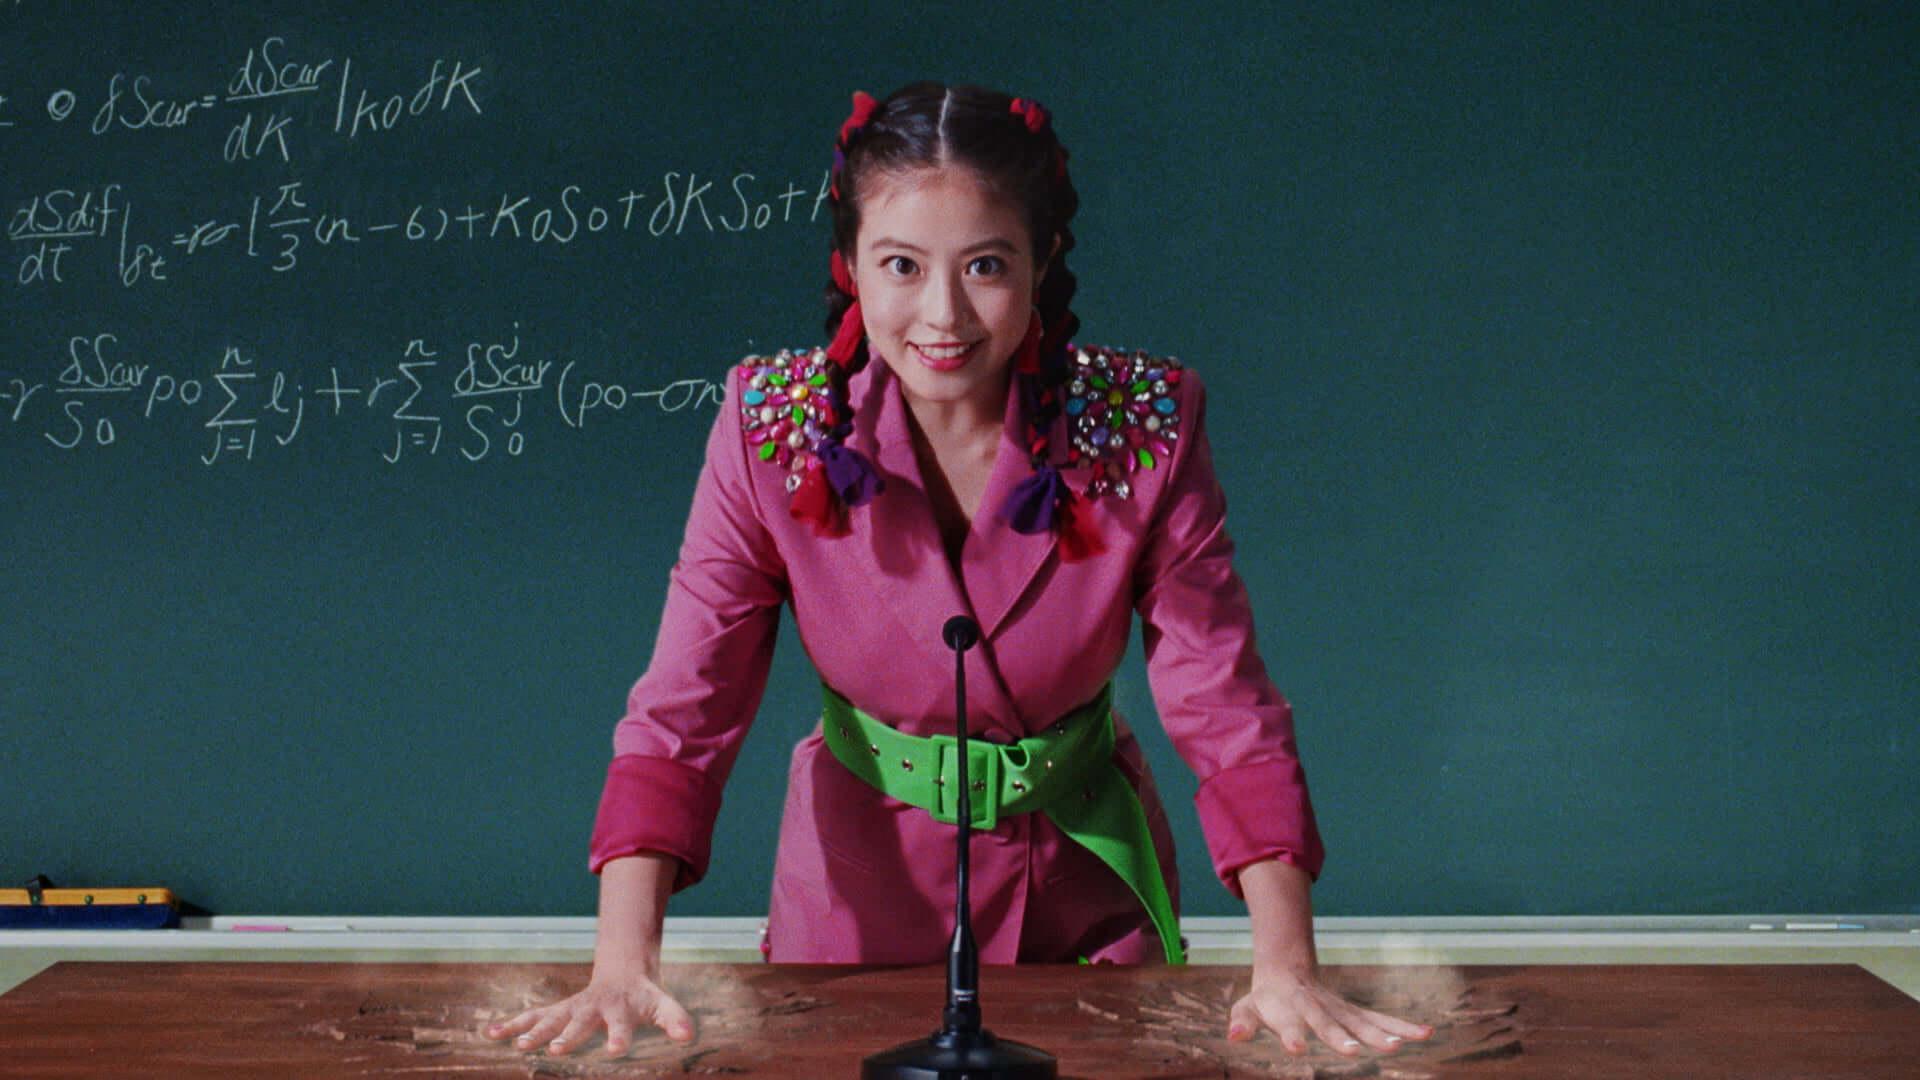 今田美桜がミュージカル風CMで不得意なダンスを披露!?メイキング&インタビュー映像も公開 life190726_imadamio_cm_3-1920x1080